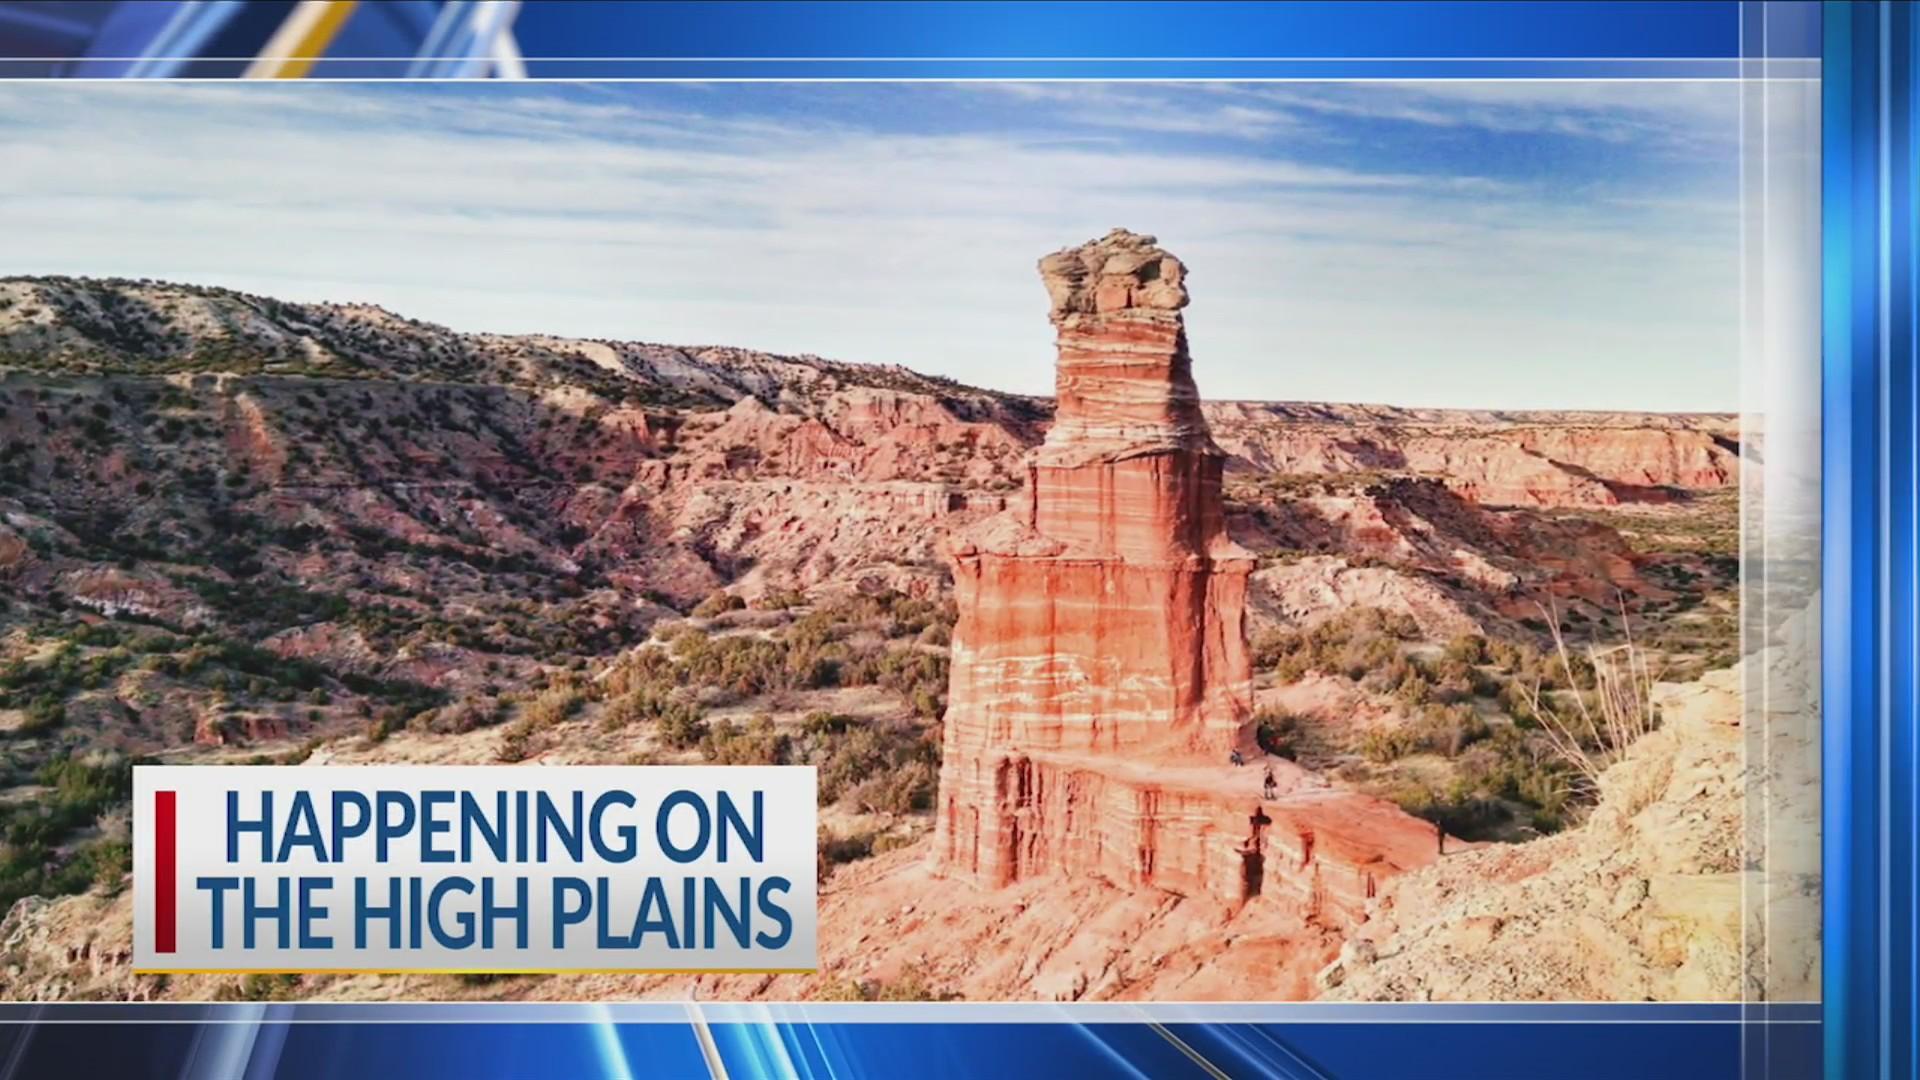 Happening on the High Plains_1557543418447.jpg.jpg